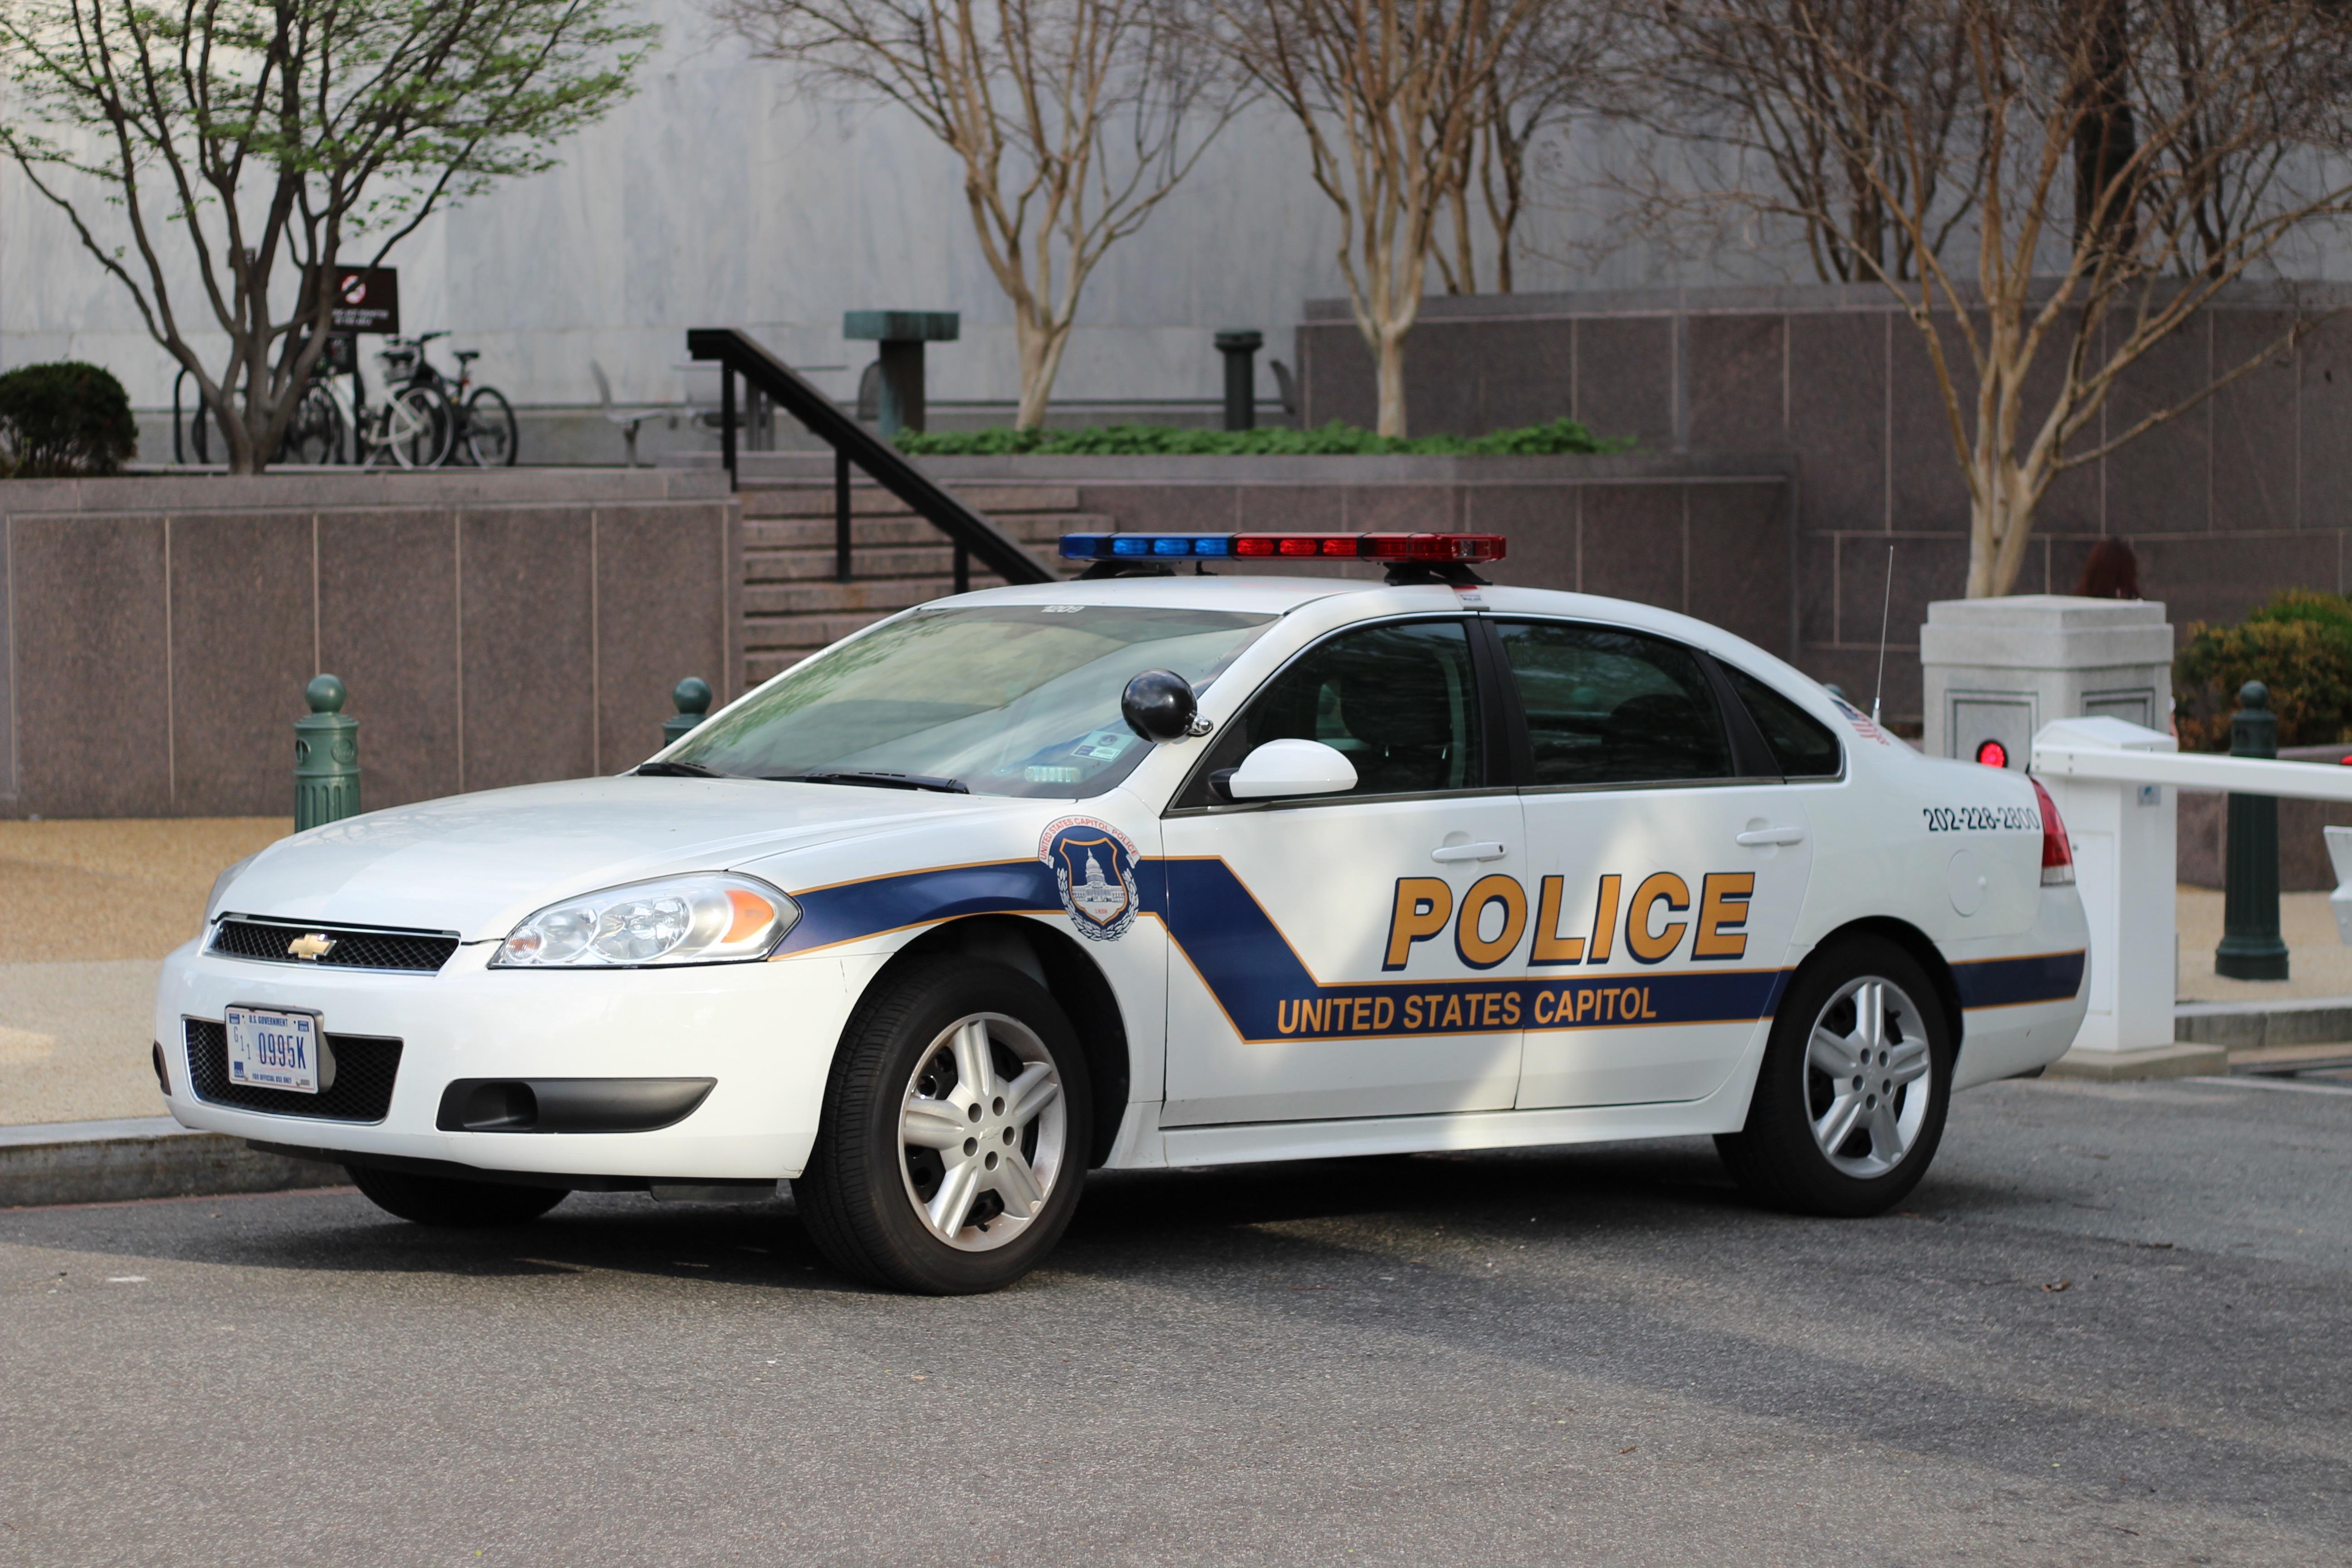 United states capitol police impala photo